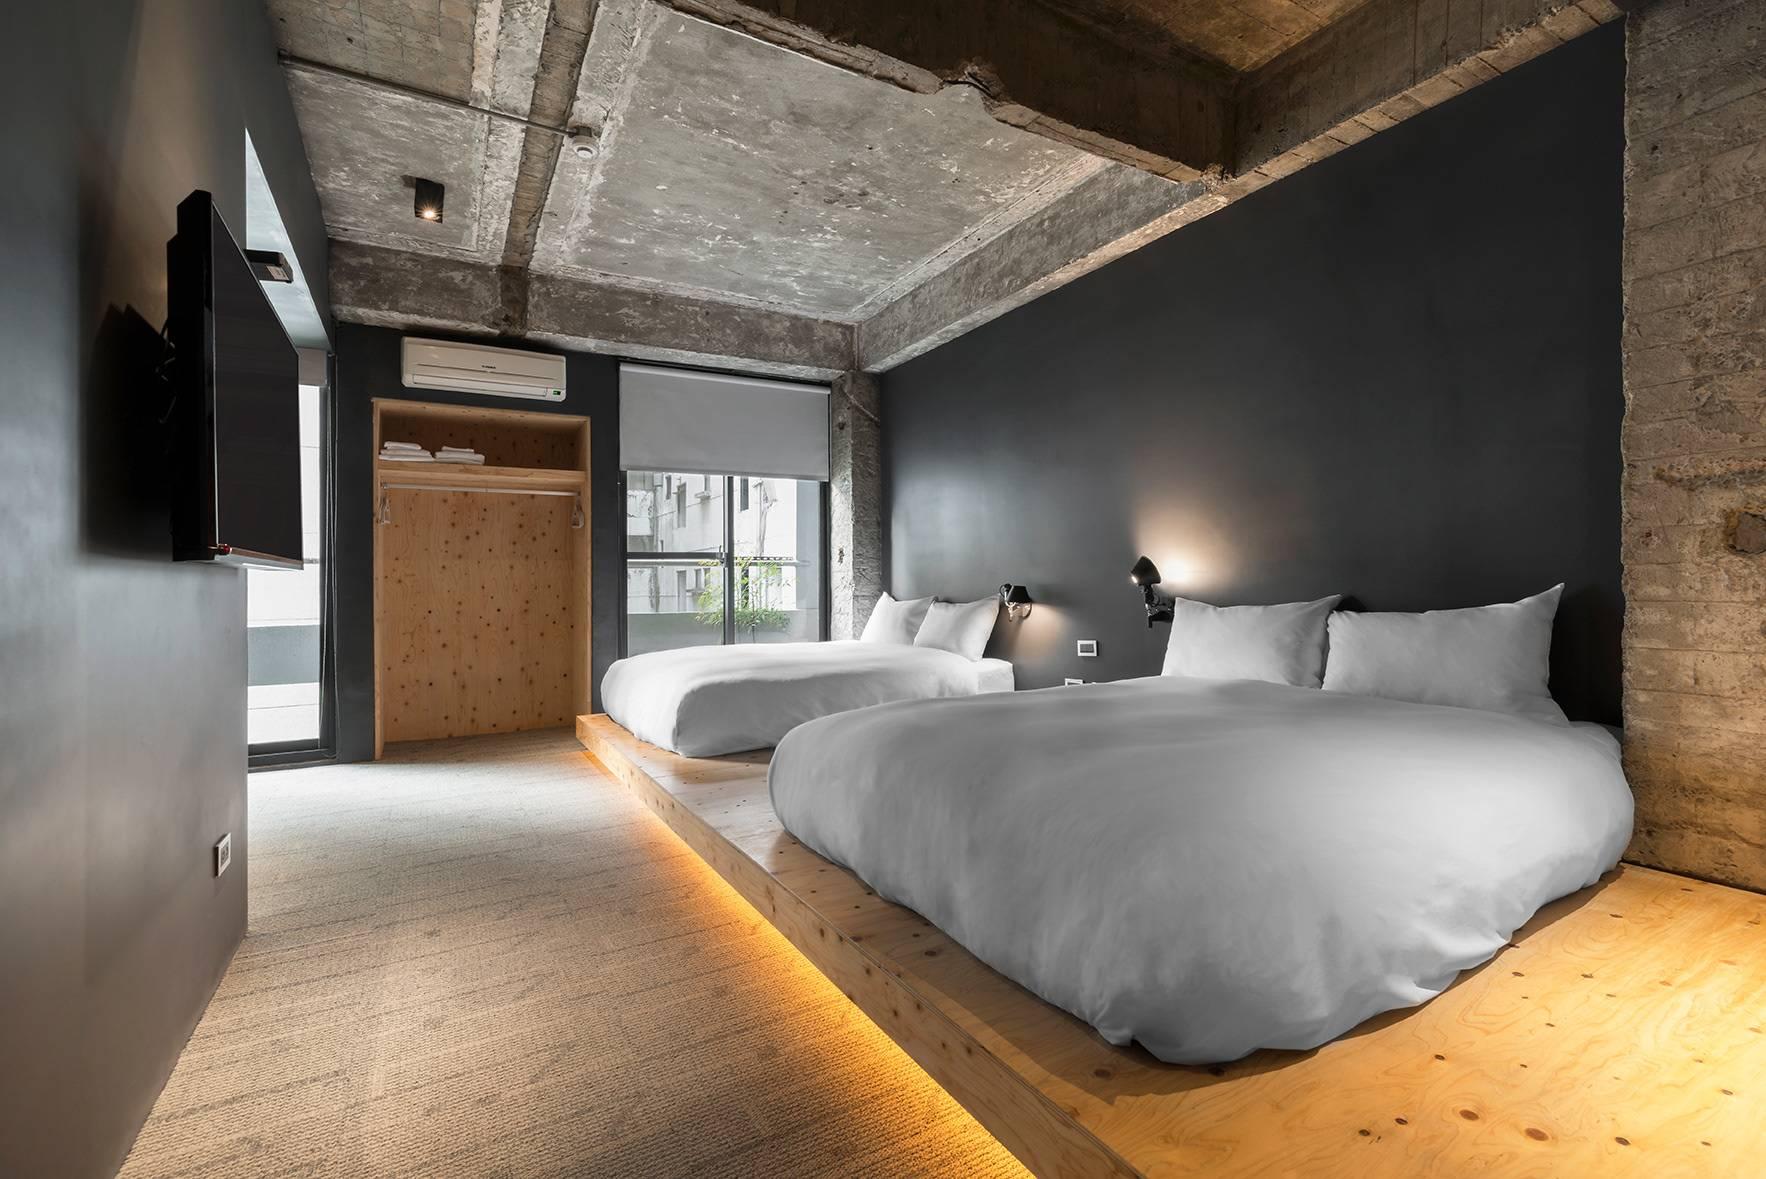 简装设计酒店,裸露的是粗糙还是风格?